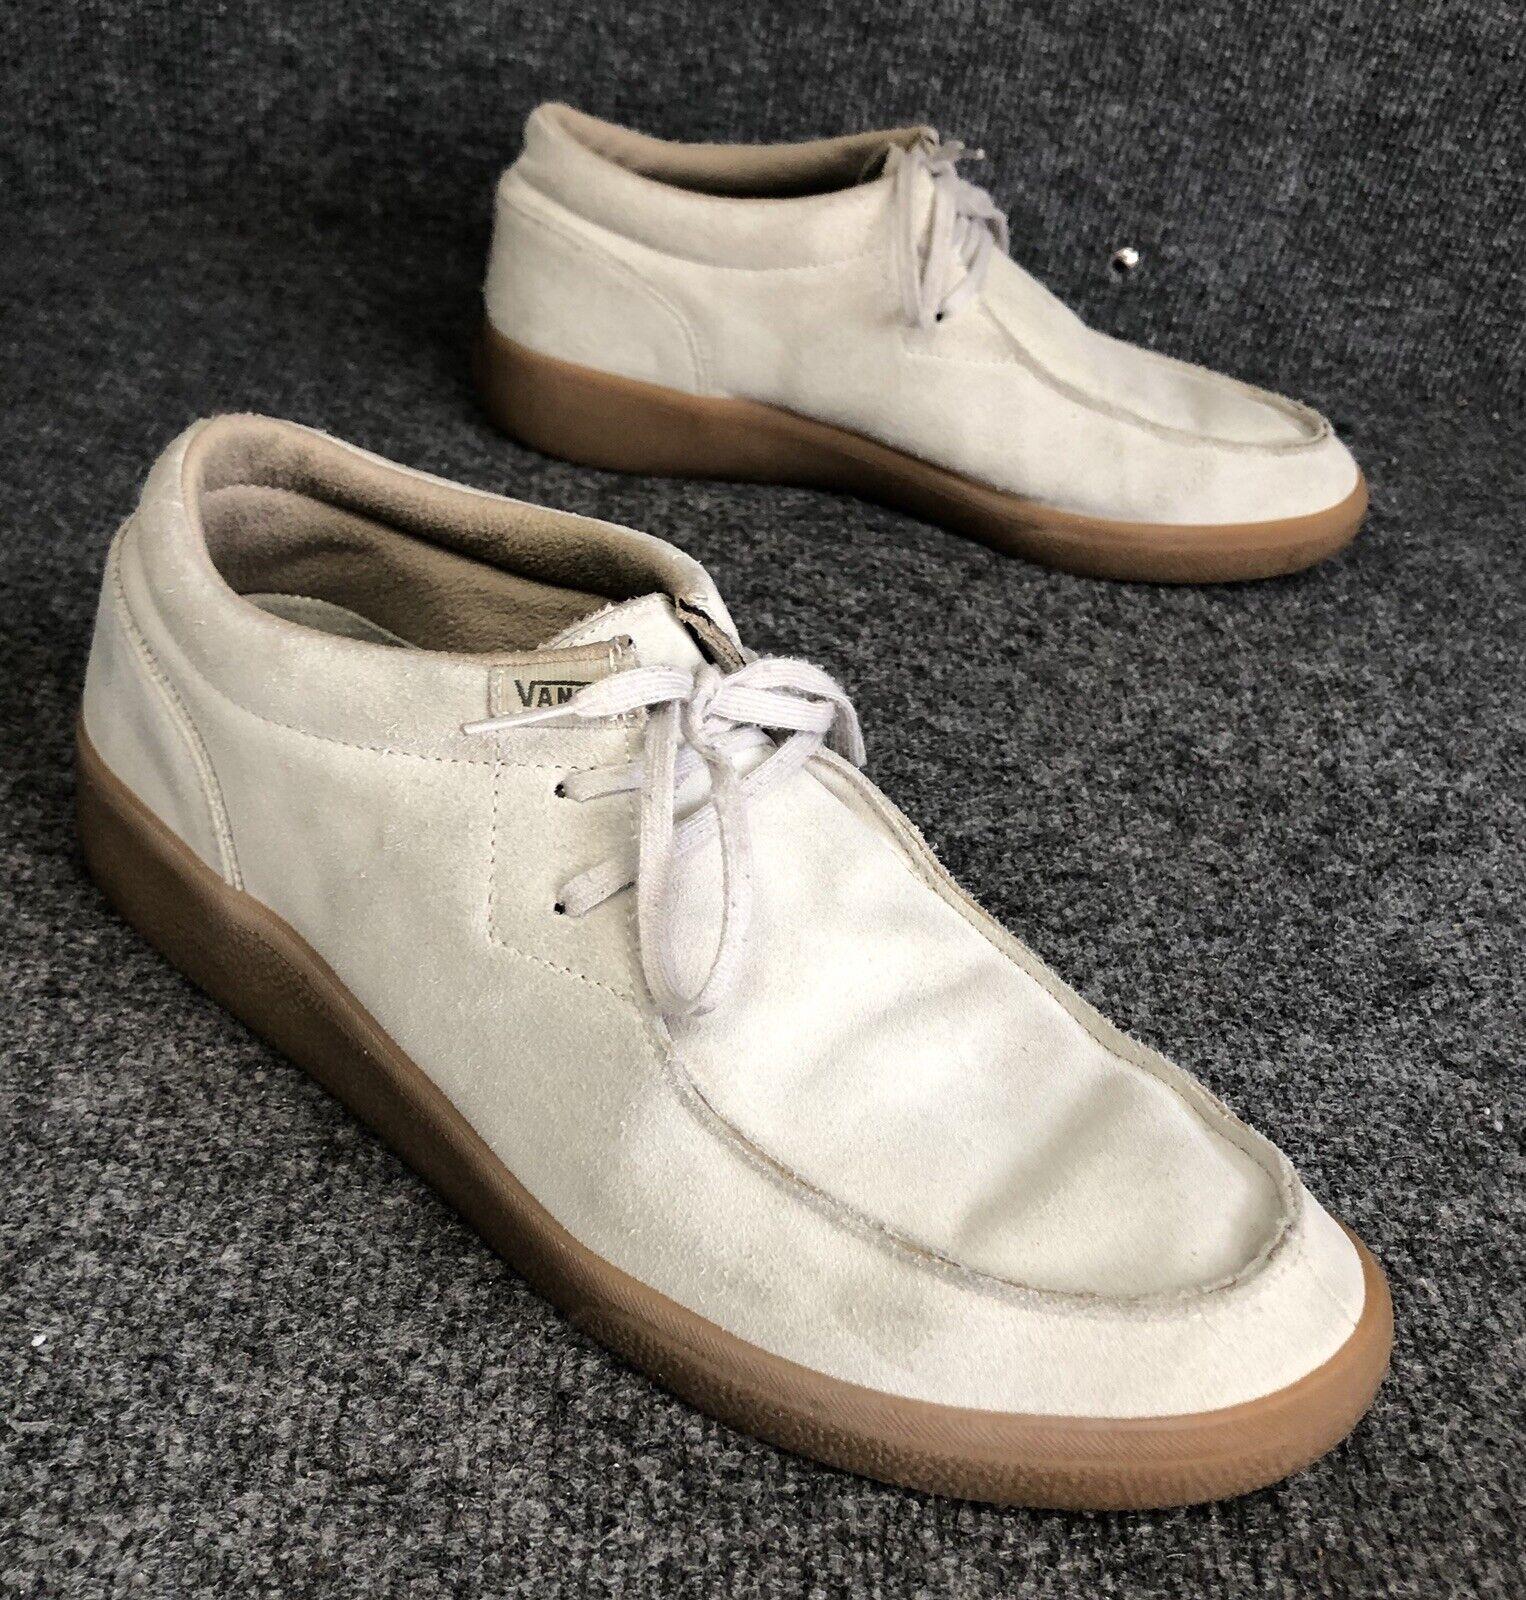 Vans Rata Sport Suede Lace Up Moc Toe Desert Chukka Boots shoes Mens Size 13 EUC